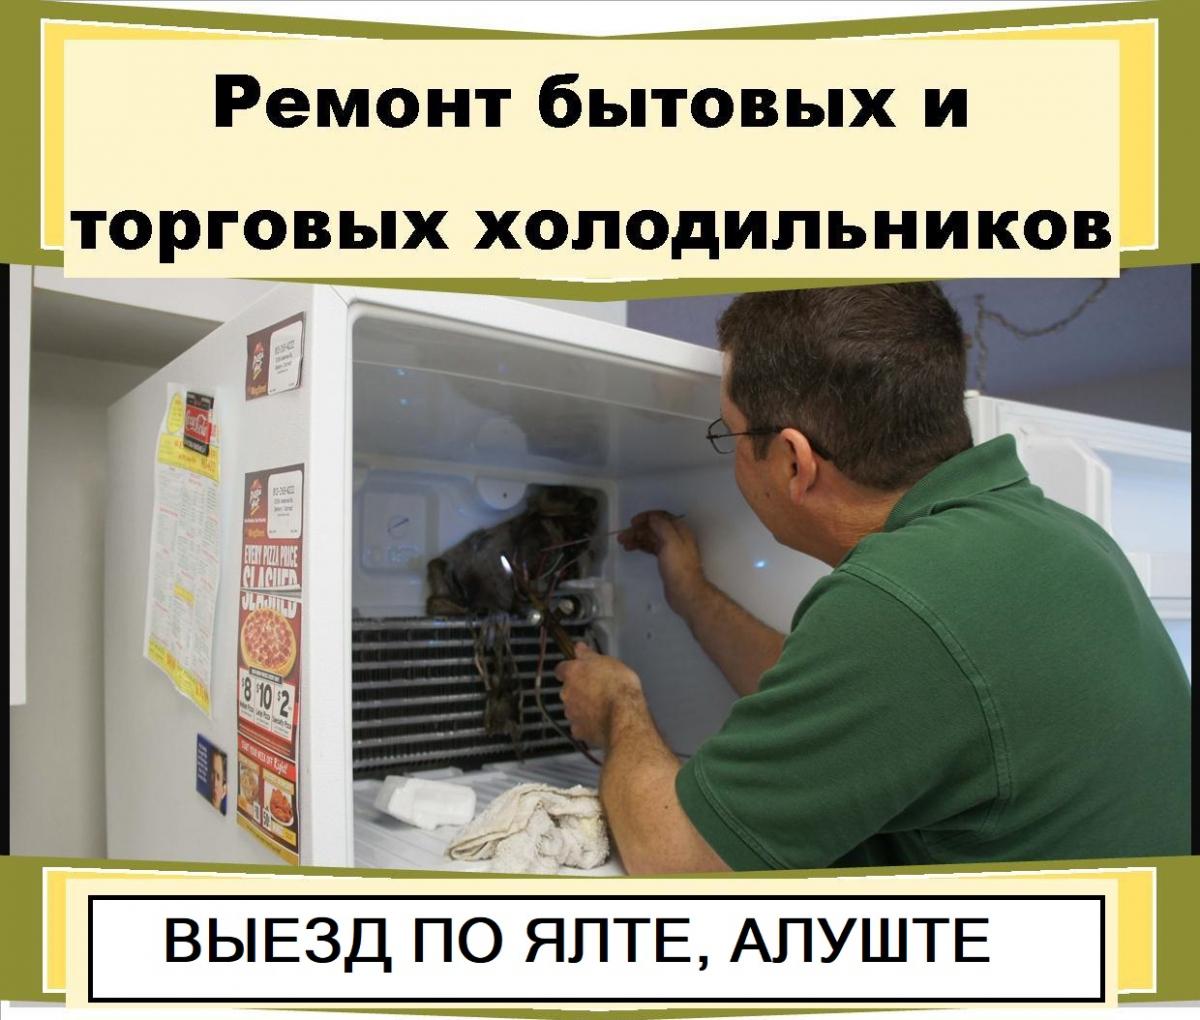 Мастер по ремонту холодильников в Алуште, Ялте. Стаж 7 лет